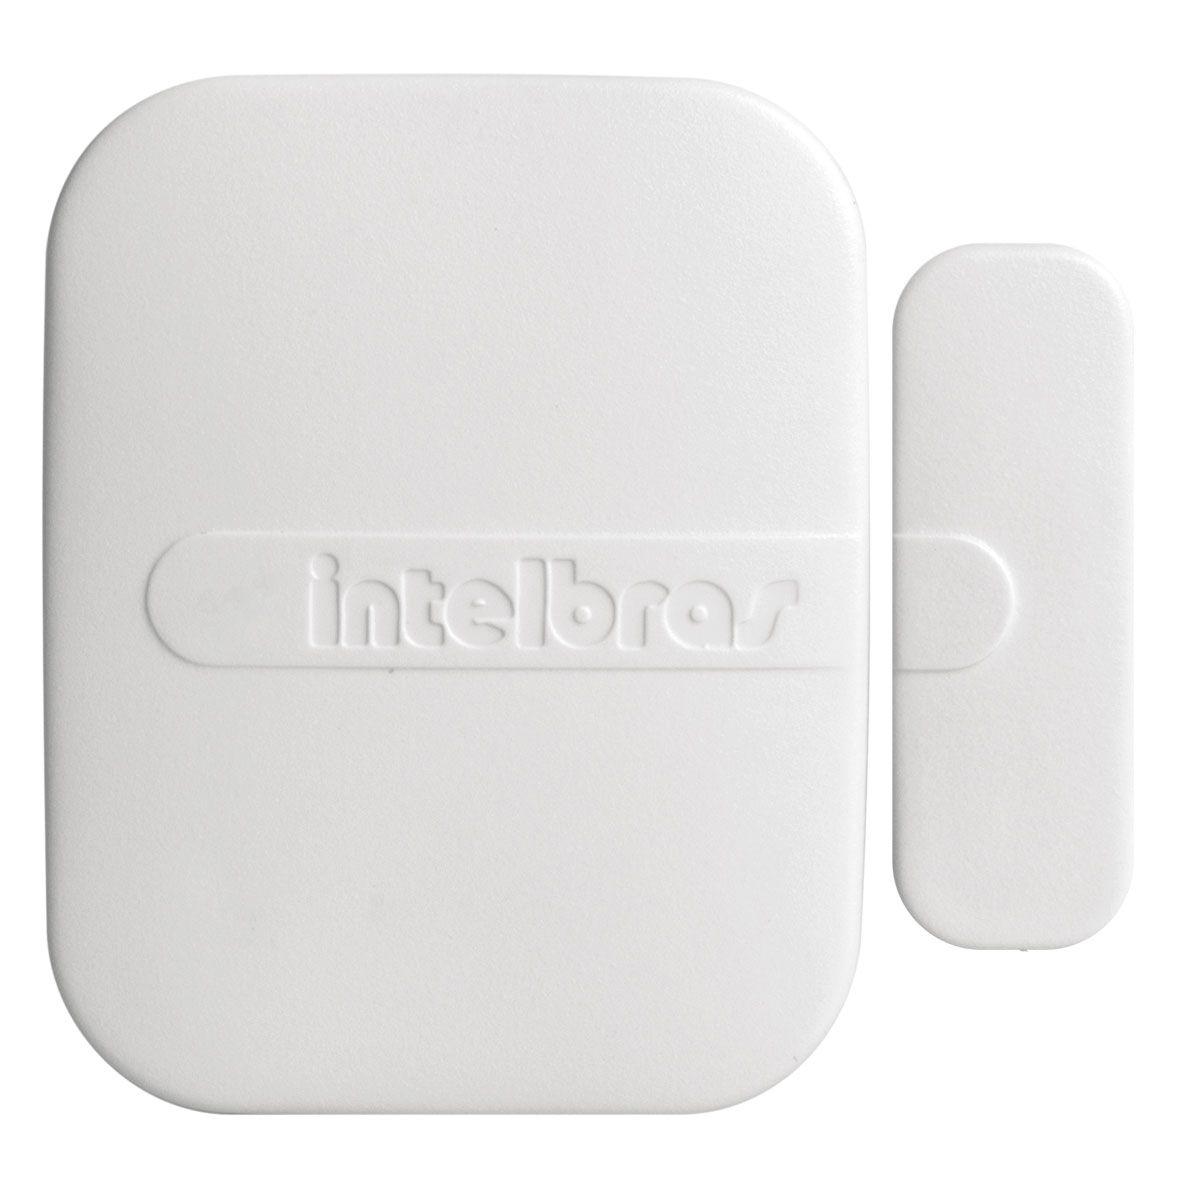 Kit de Alarme Intelbras ANM 3004 ST com 13 Sensores e Discadora por Telefone fixo Sem Fio  - Tudo Forte